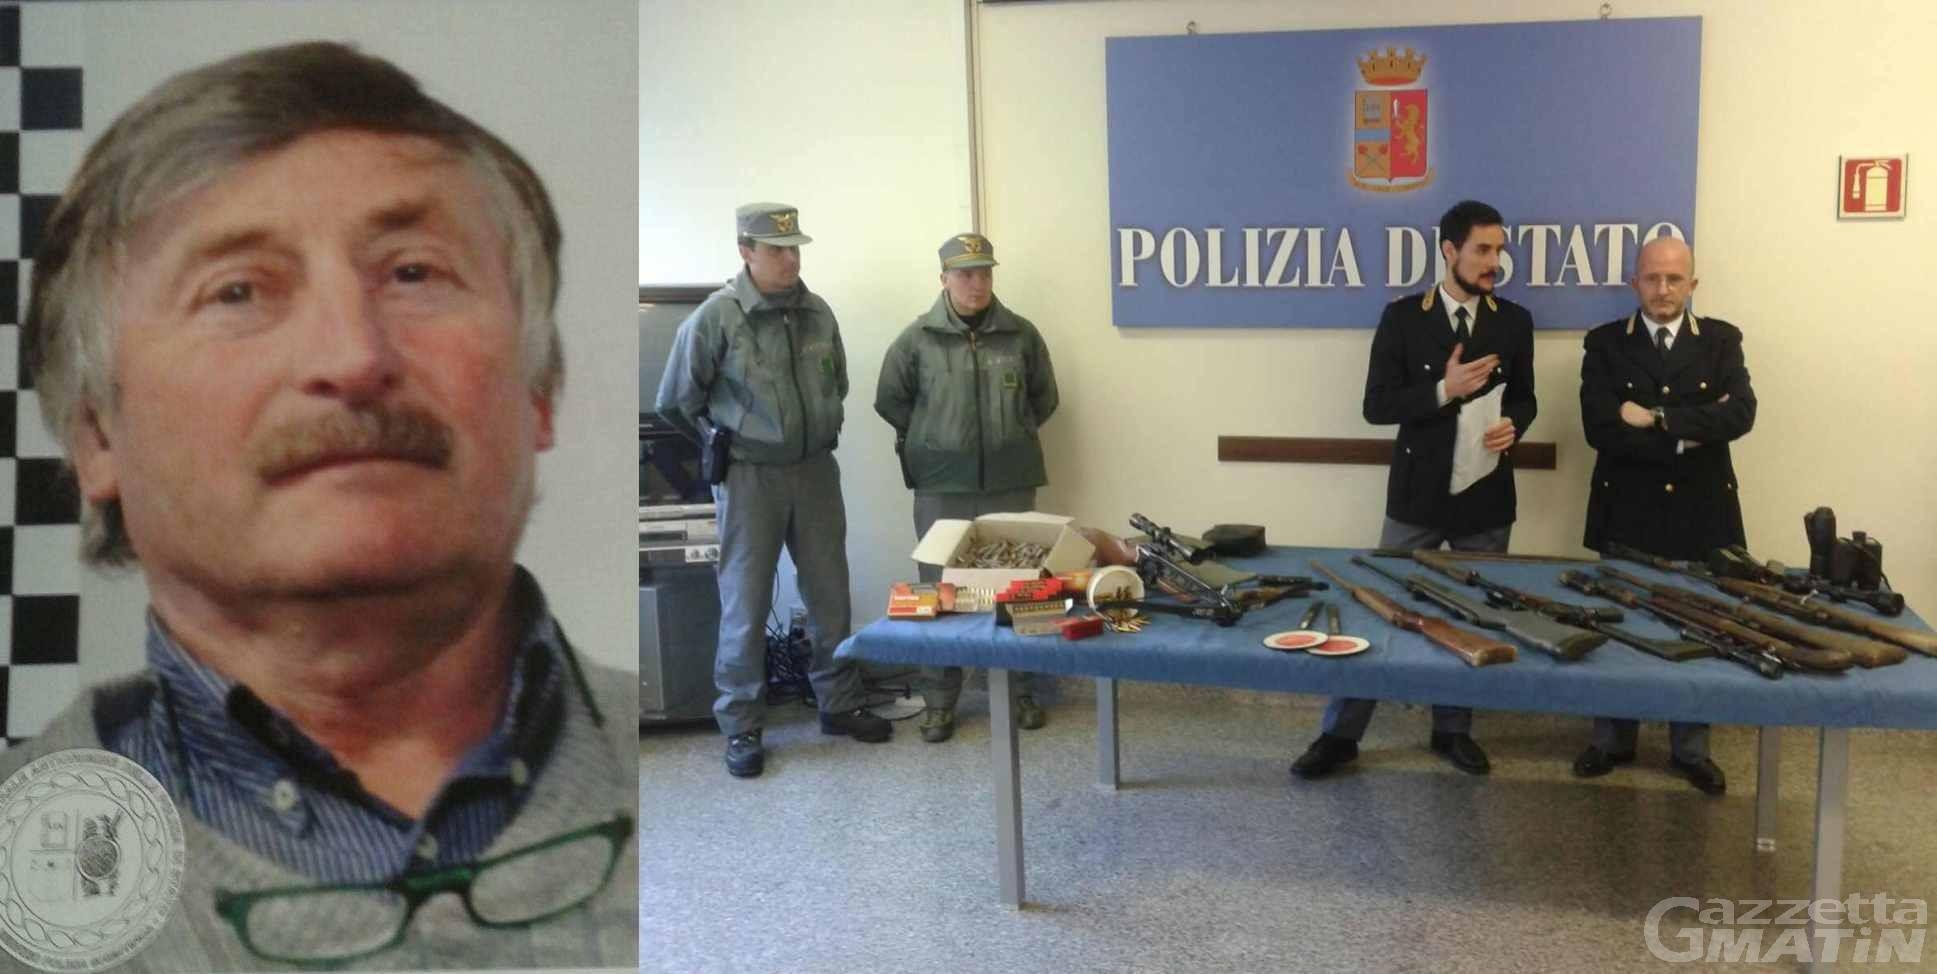 Armi alterate: arrestato presunto bracconiere